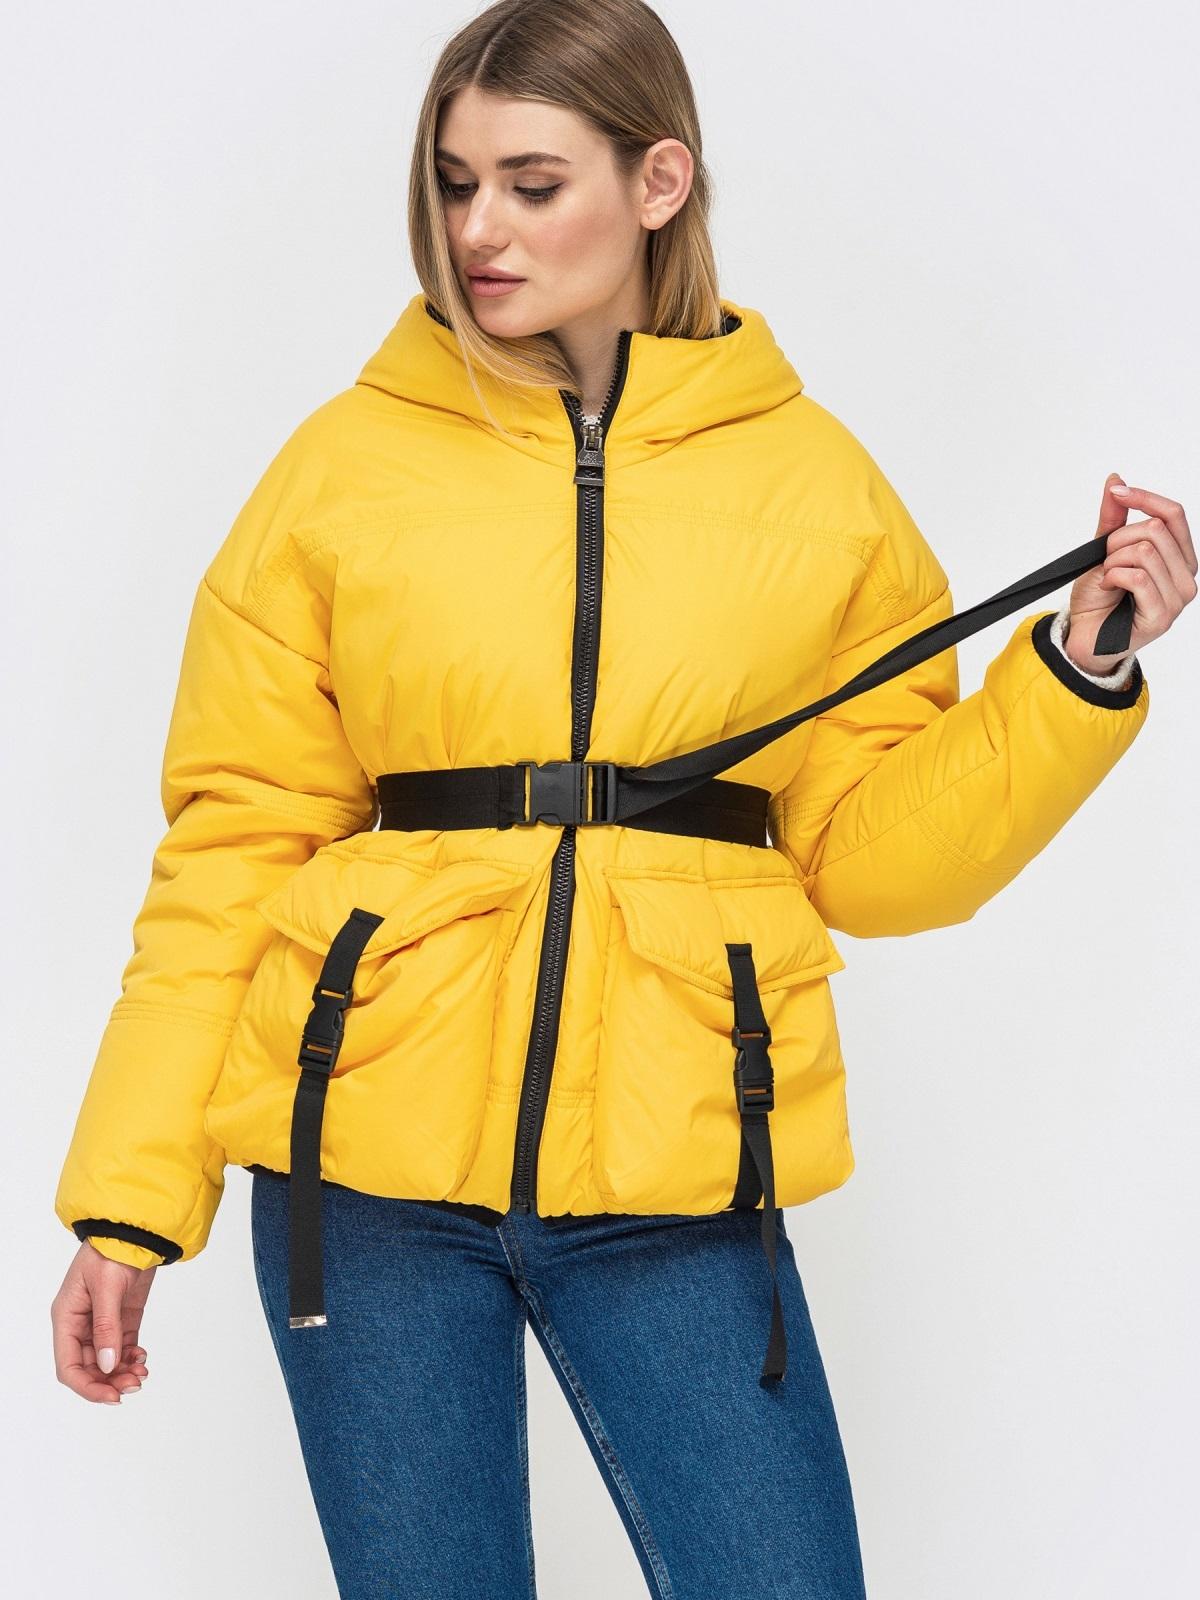 Желтая куртка с капюшоном и объемными карманами 45255, фото 1